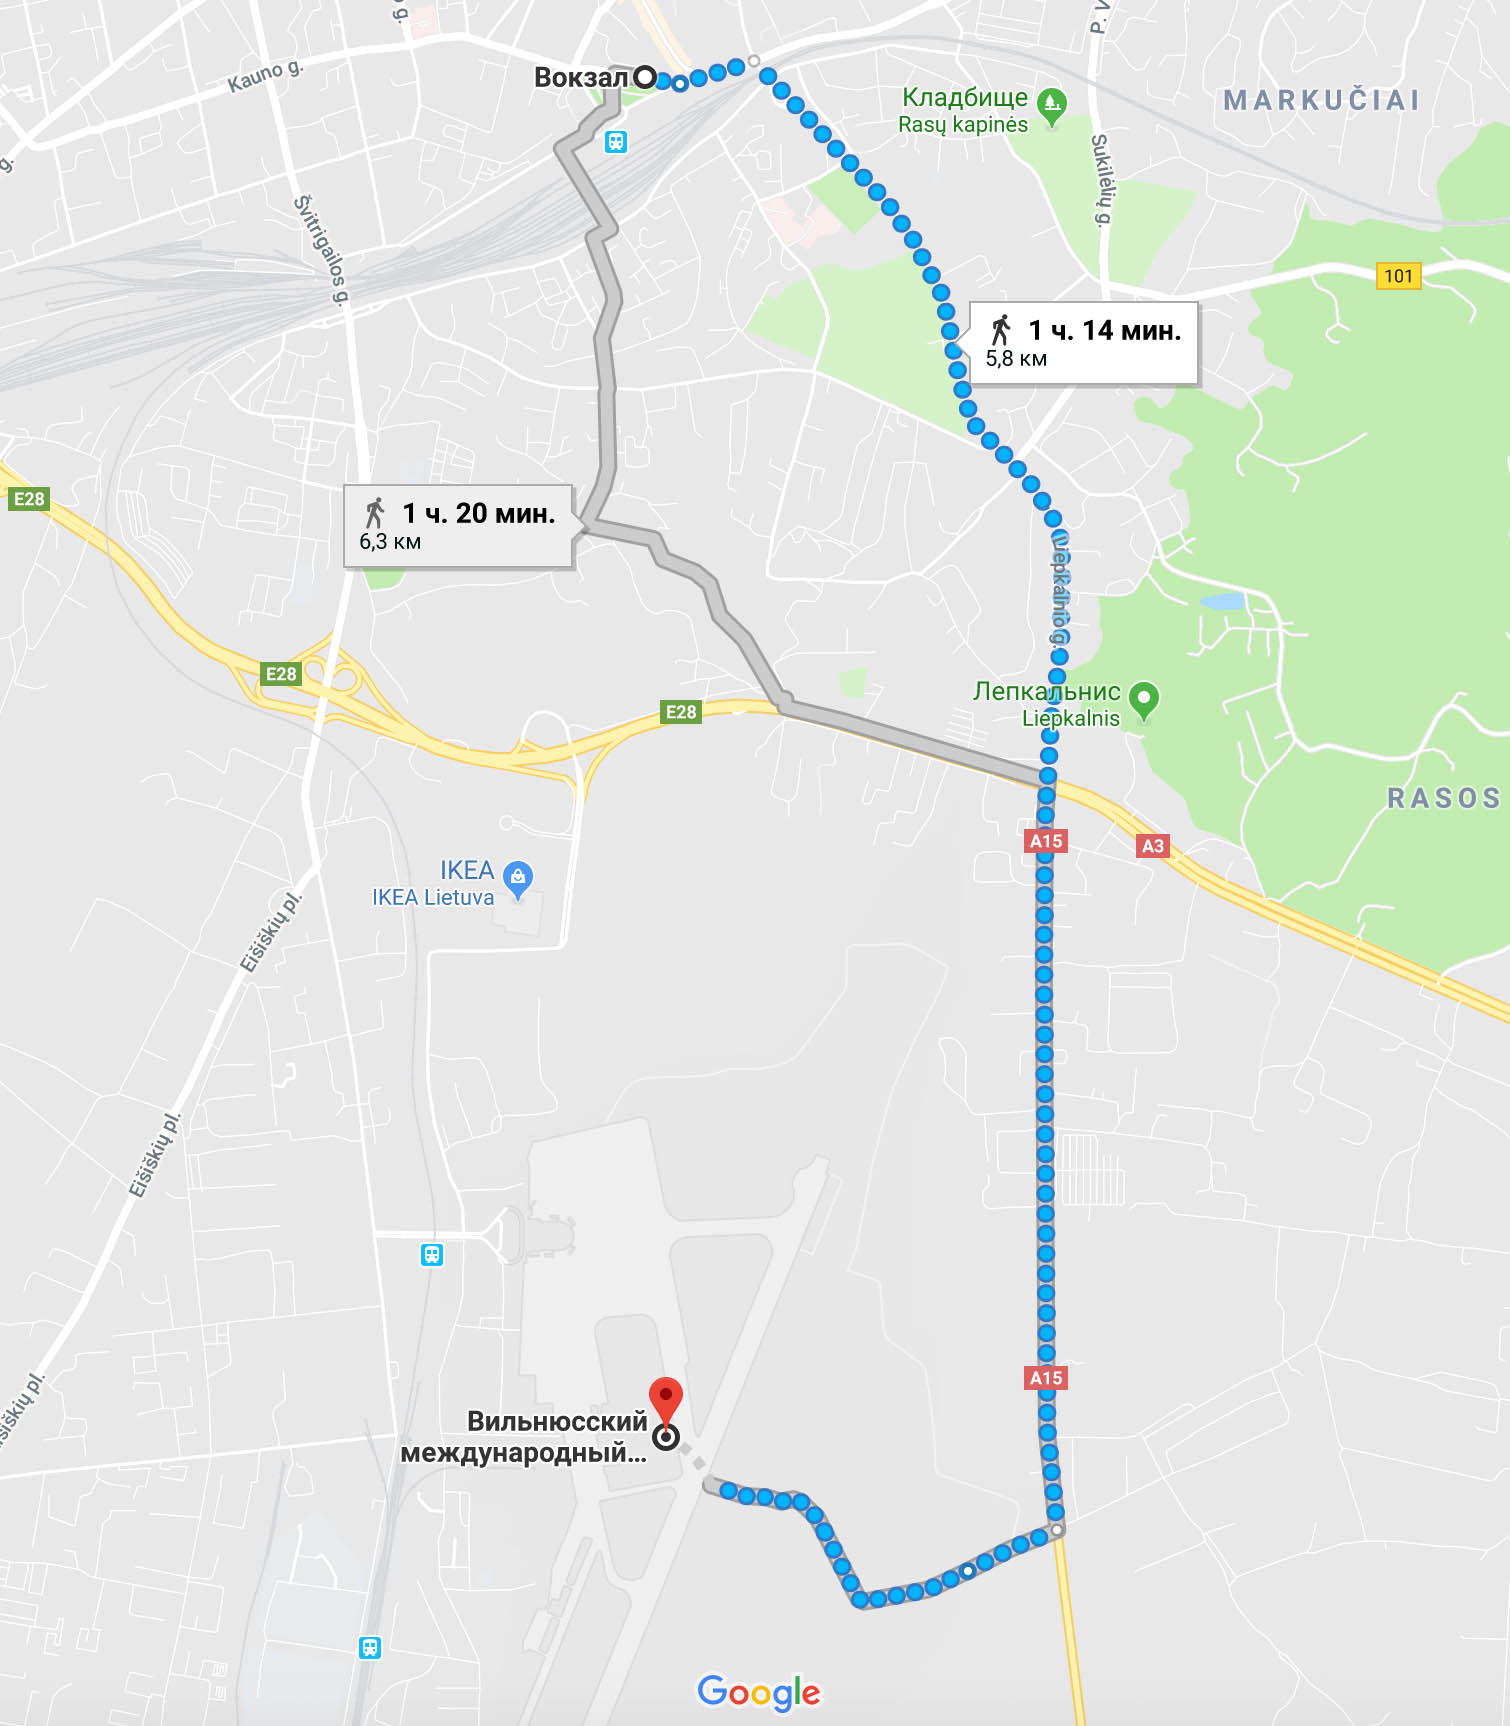 Гугл считает, что пешком дорога до аэропорта в Вильнюсе займет 1 час 14 минут, но в хорошую погоду я трачу на это меньше часа, если идти быстрым шагом